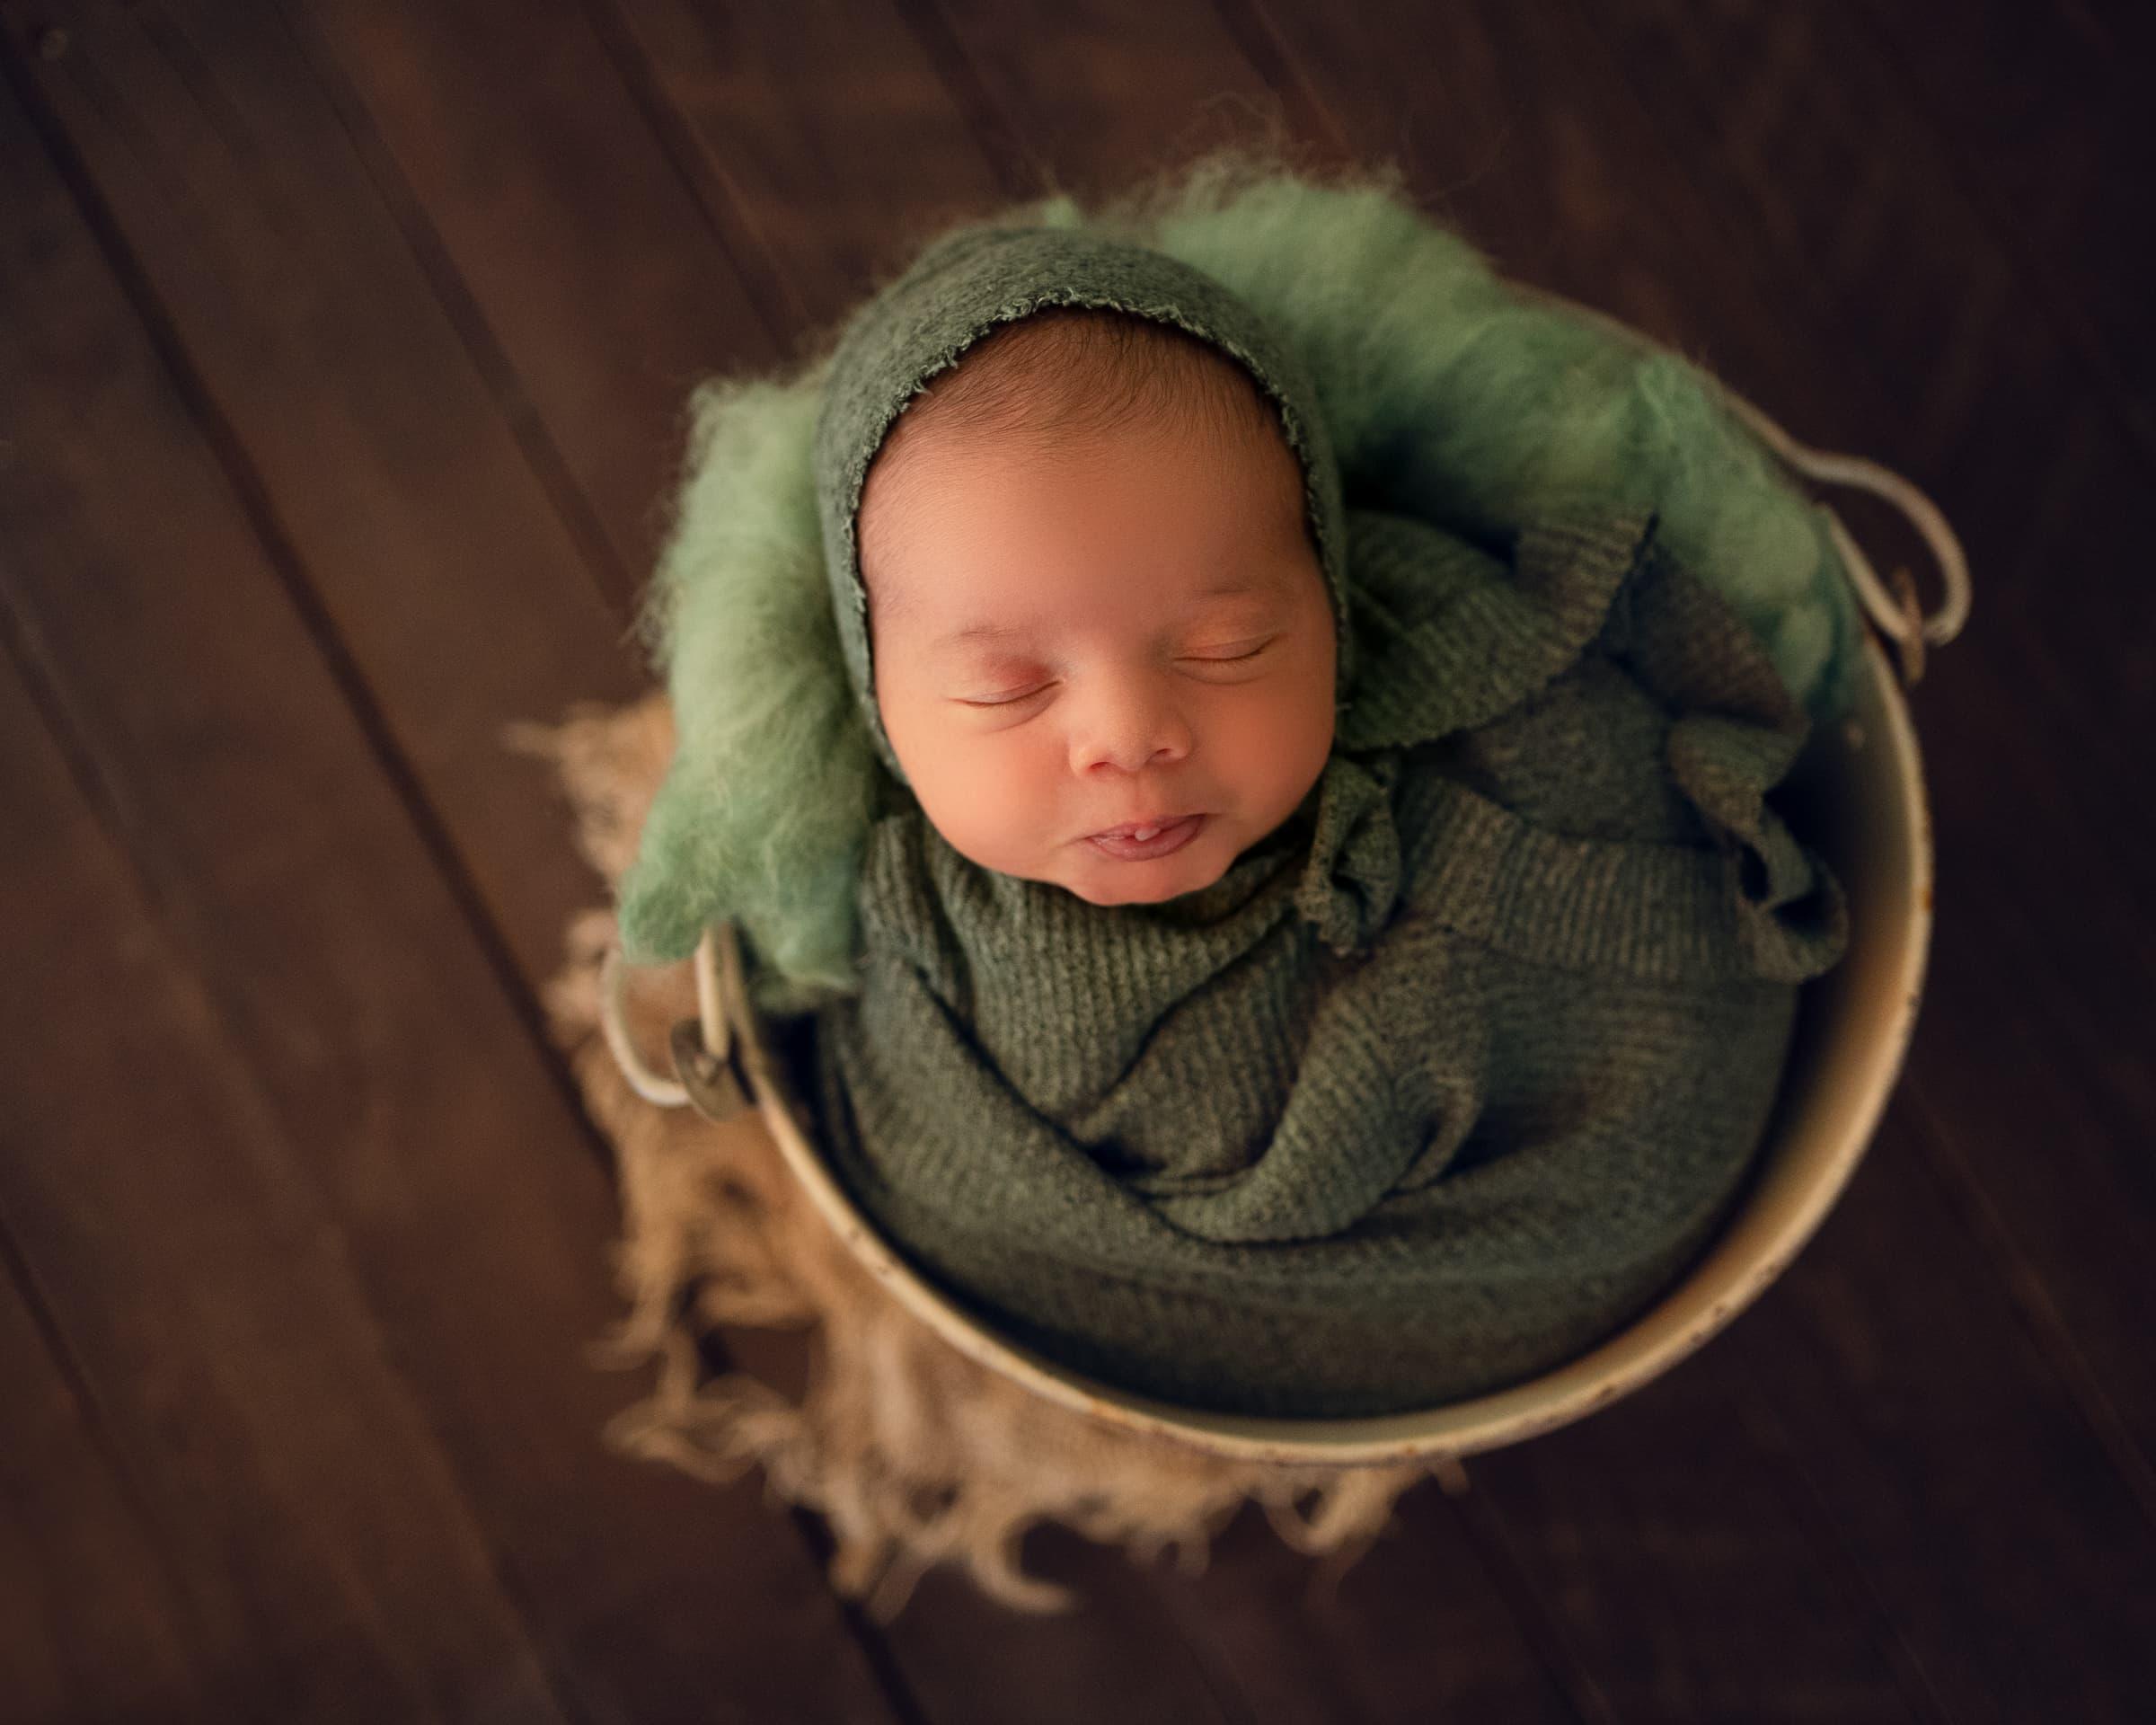 raleigh newborn photographer - baby kian 1